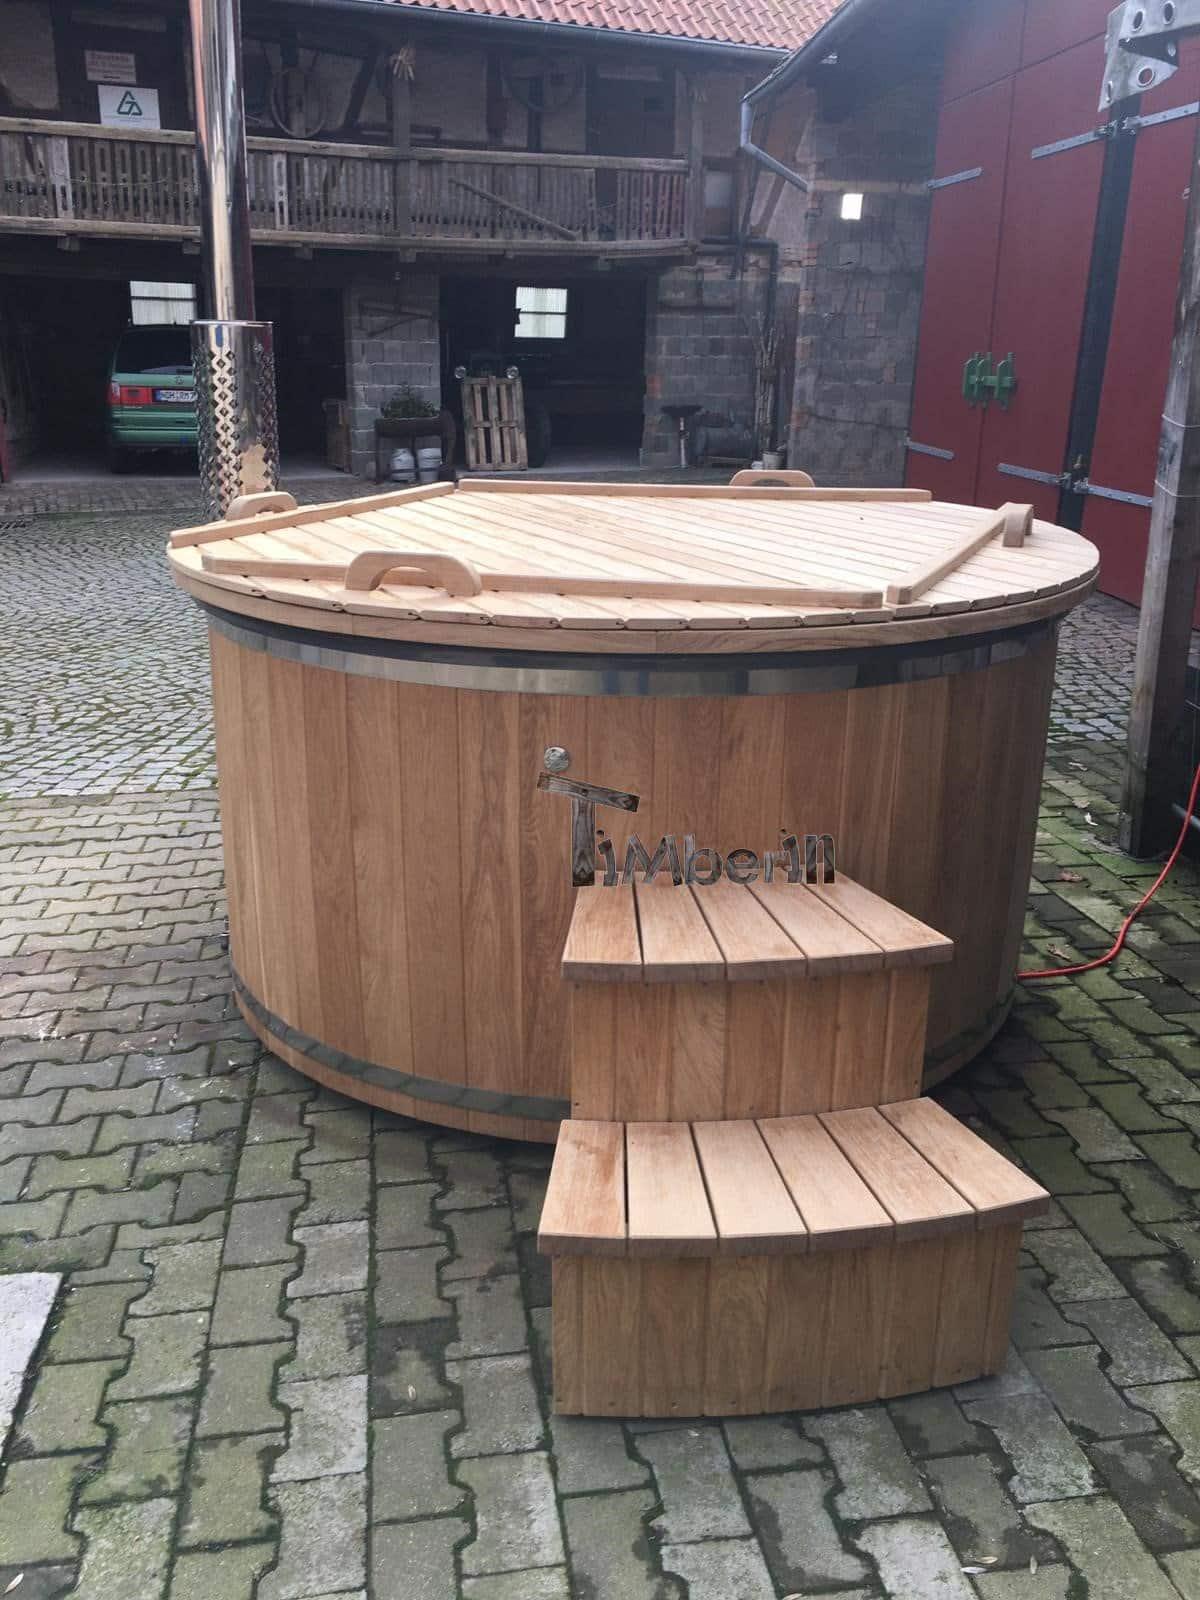 Badefass-gfk-Thermoholz-mit-integriertem-Ofen-Wellness-Royal-Nicole-Nordhausen-Deutschland Bewertungen - Erfahrung TimberIN